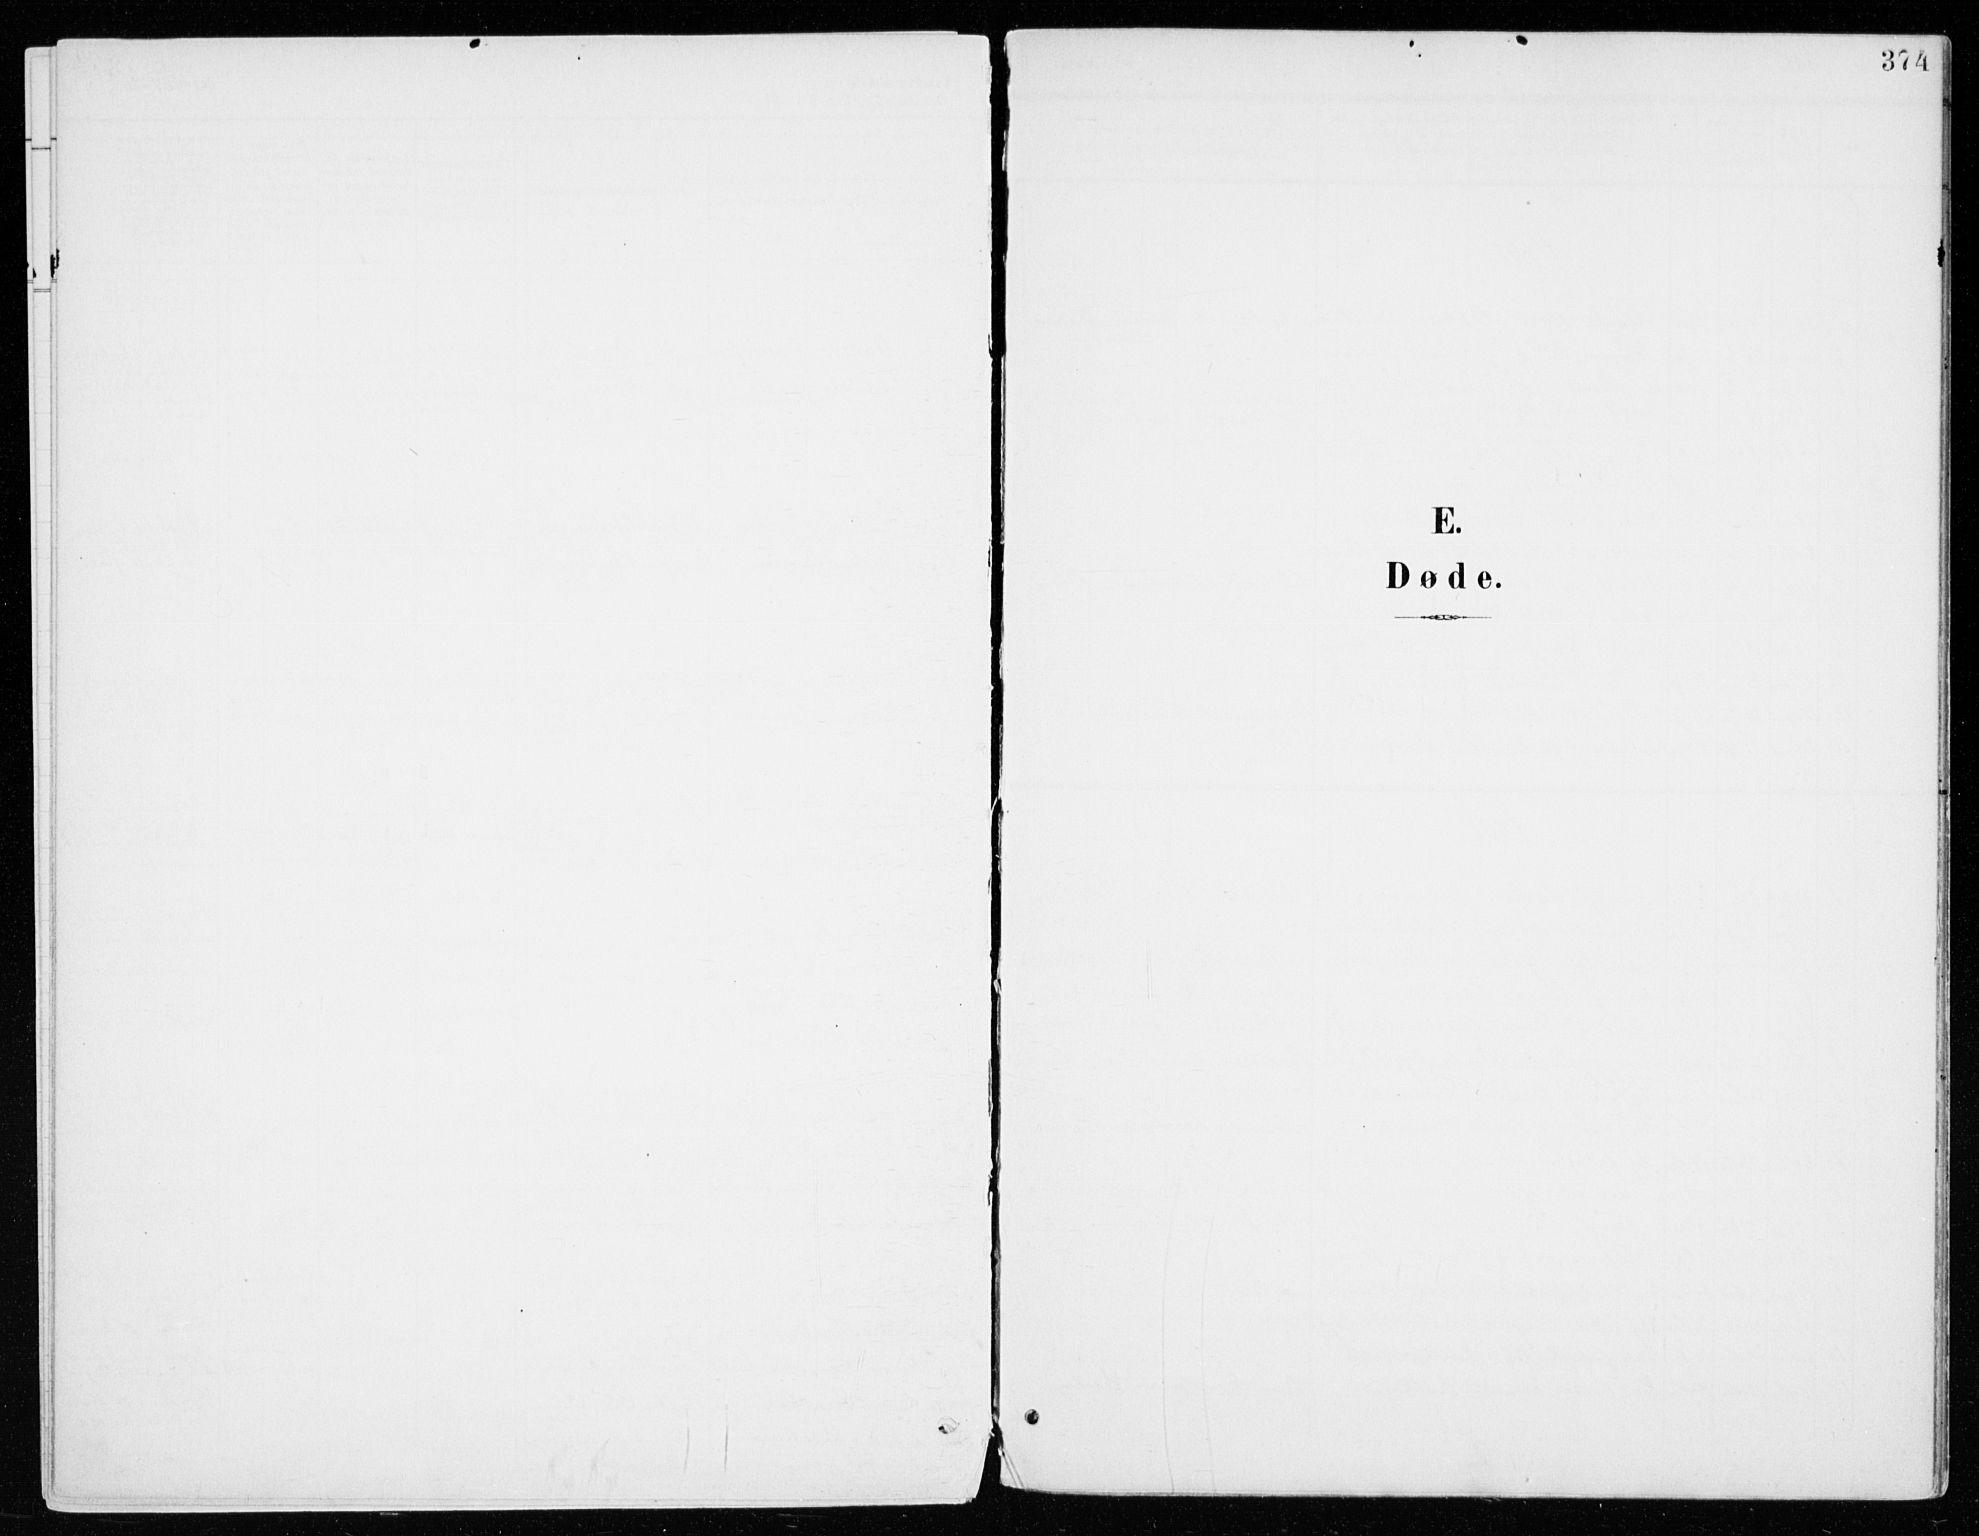 SAH, Vang prestekontor, Hedmark, H/Ha/Haa/L0021: Ministerialbok nr. 21, 1902-1917, s. 374